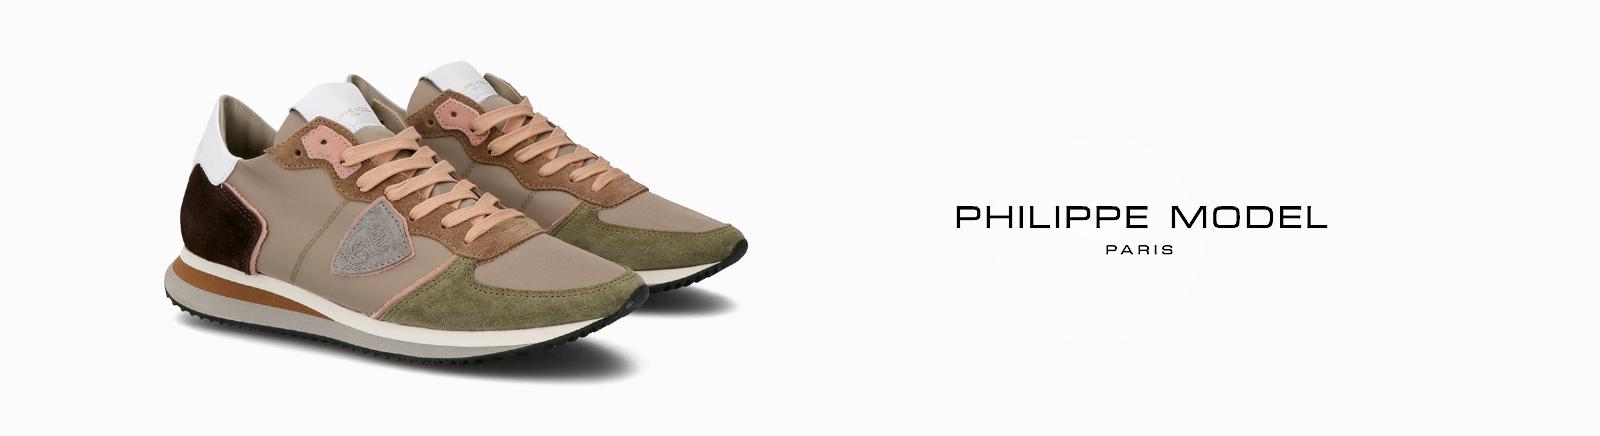 PHILIPPE MODEL Schuhe für Herren bestellen im Juppen Shop